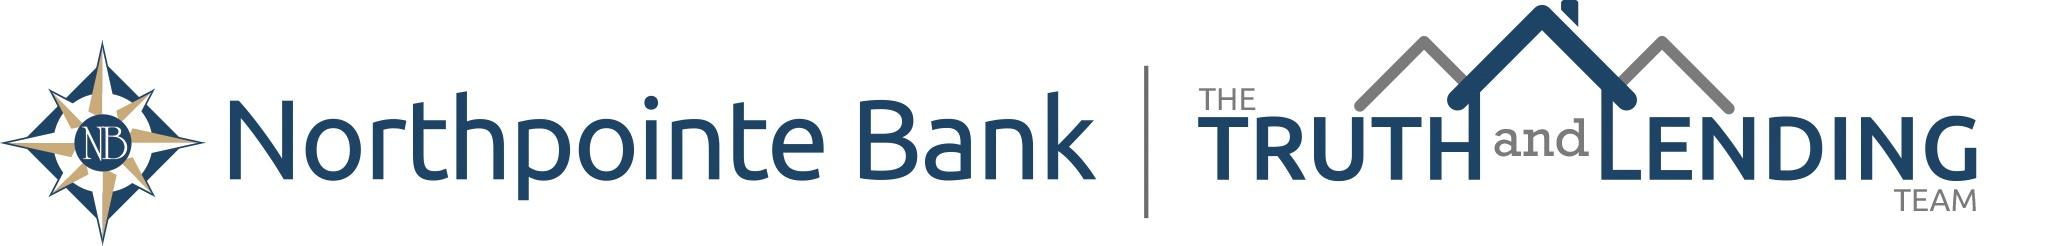 Truth and Lending logo.jpg